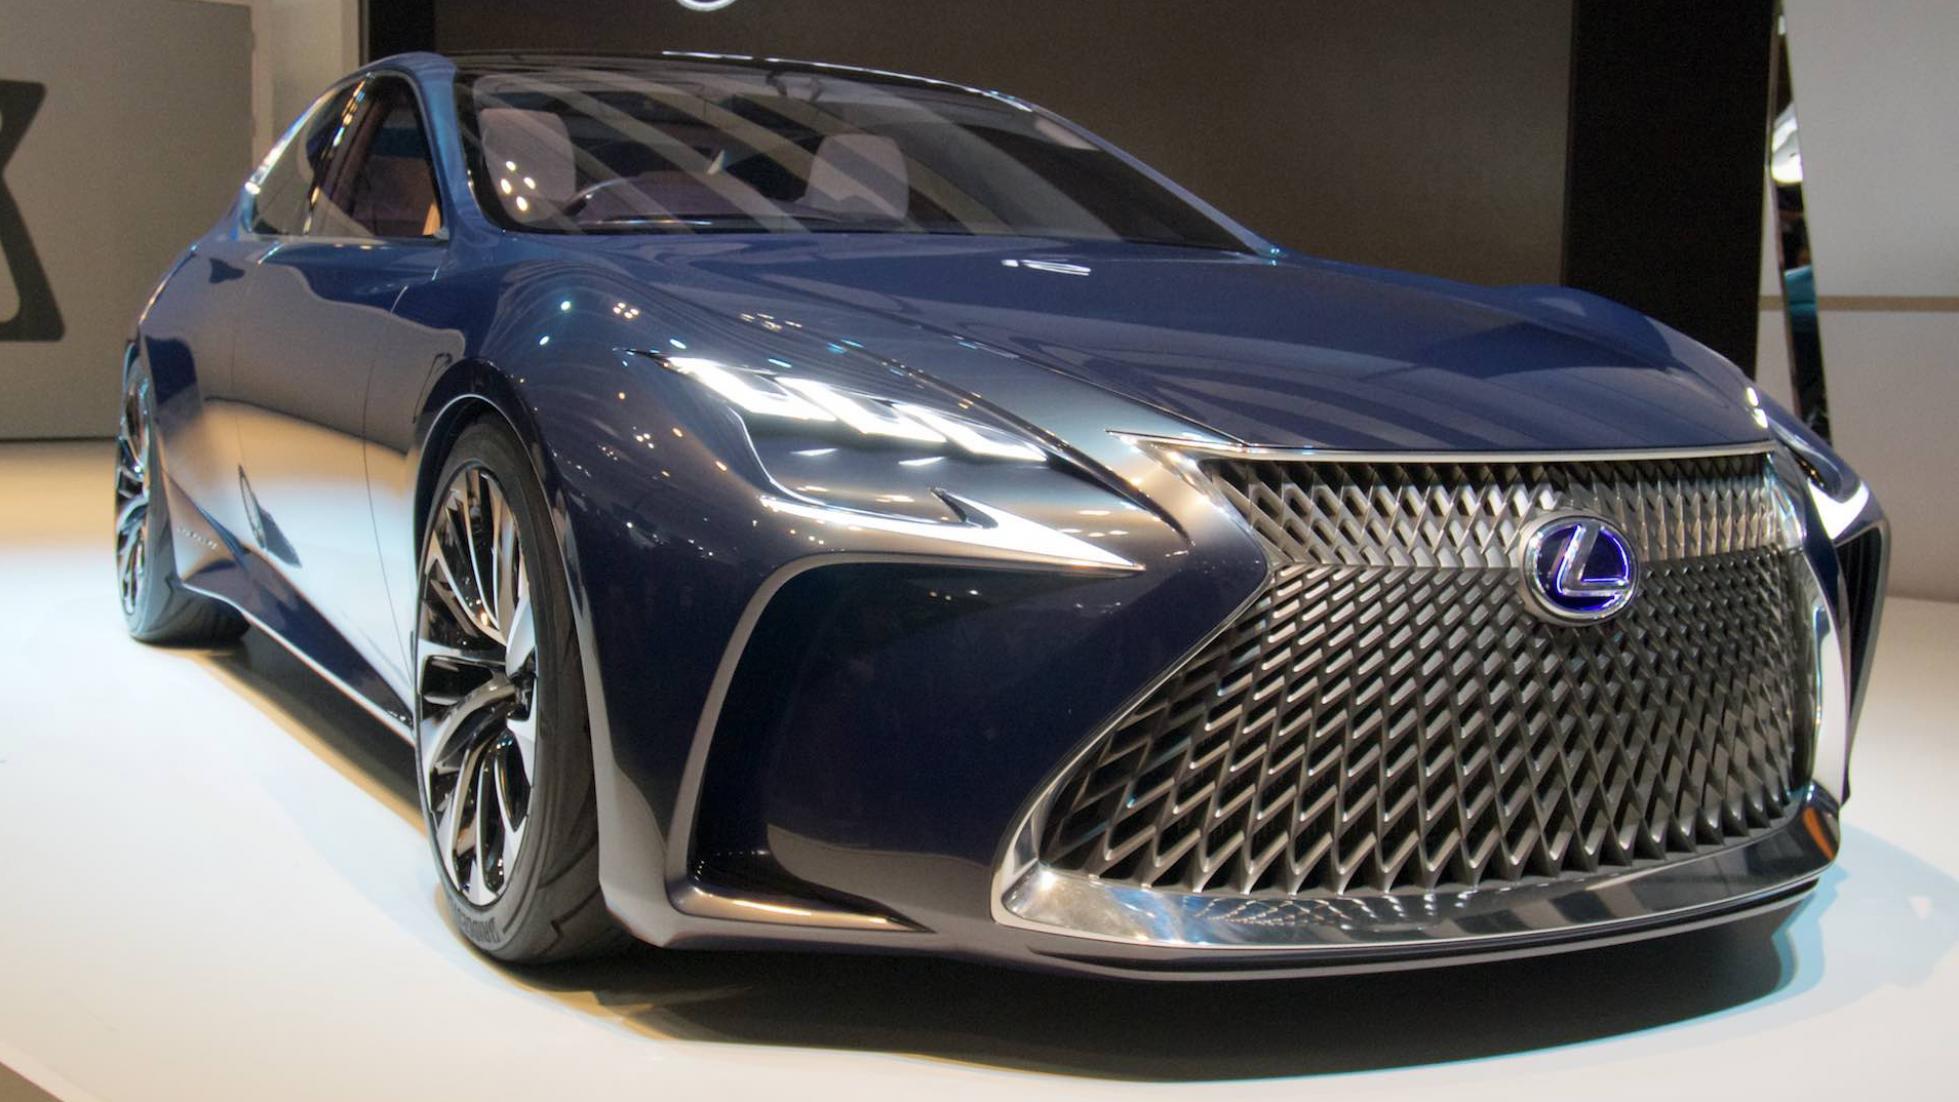 http://www.topgear.com.sg/images/news/Lexus/lexus_lf_fc.jpg